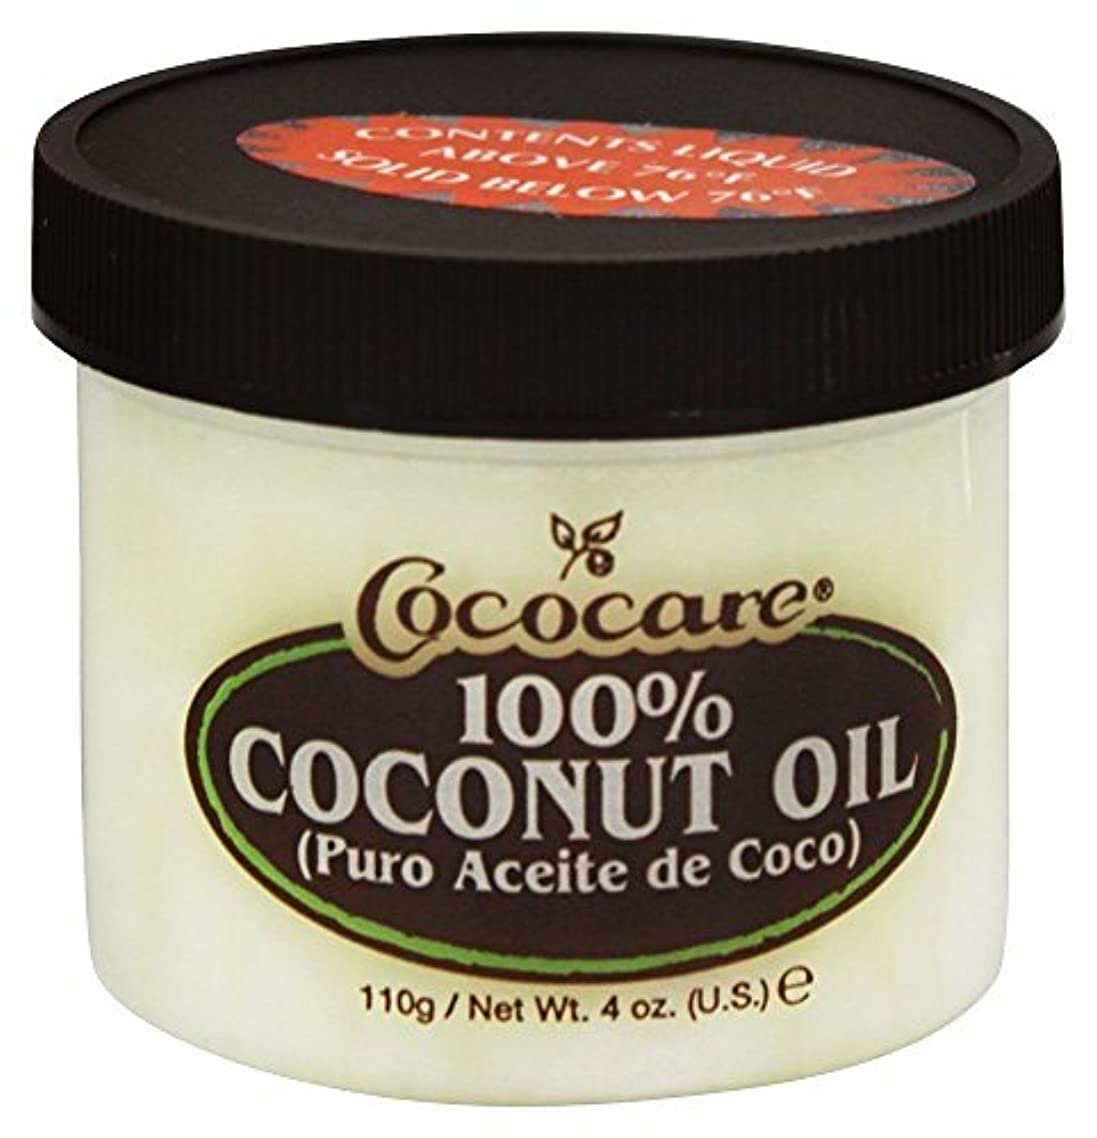 並外れて乱雑なサイレントCococare - 100% ココナッツ オイル - 4ポンド [並行輸入品]